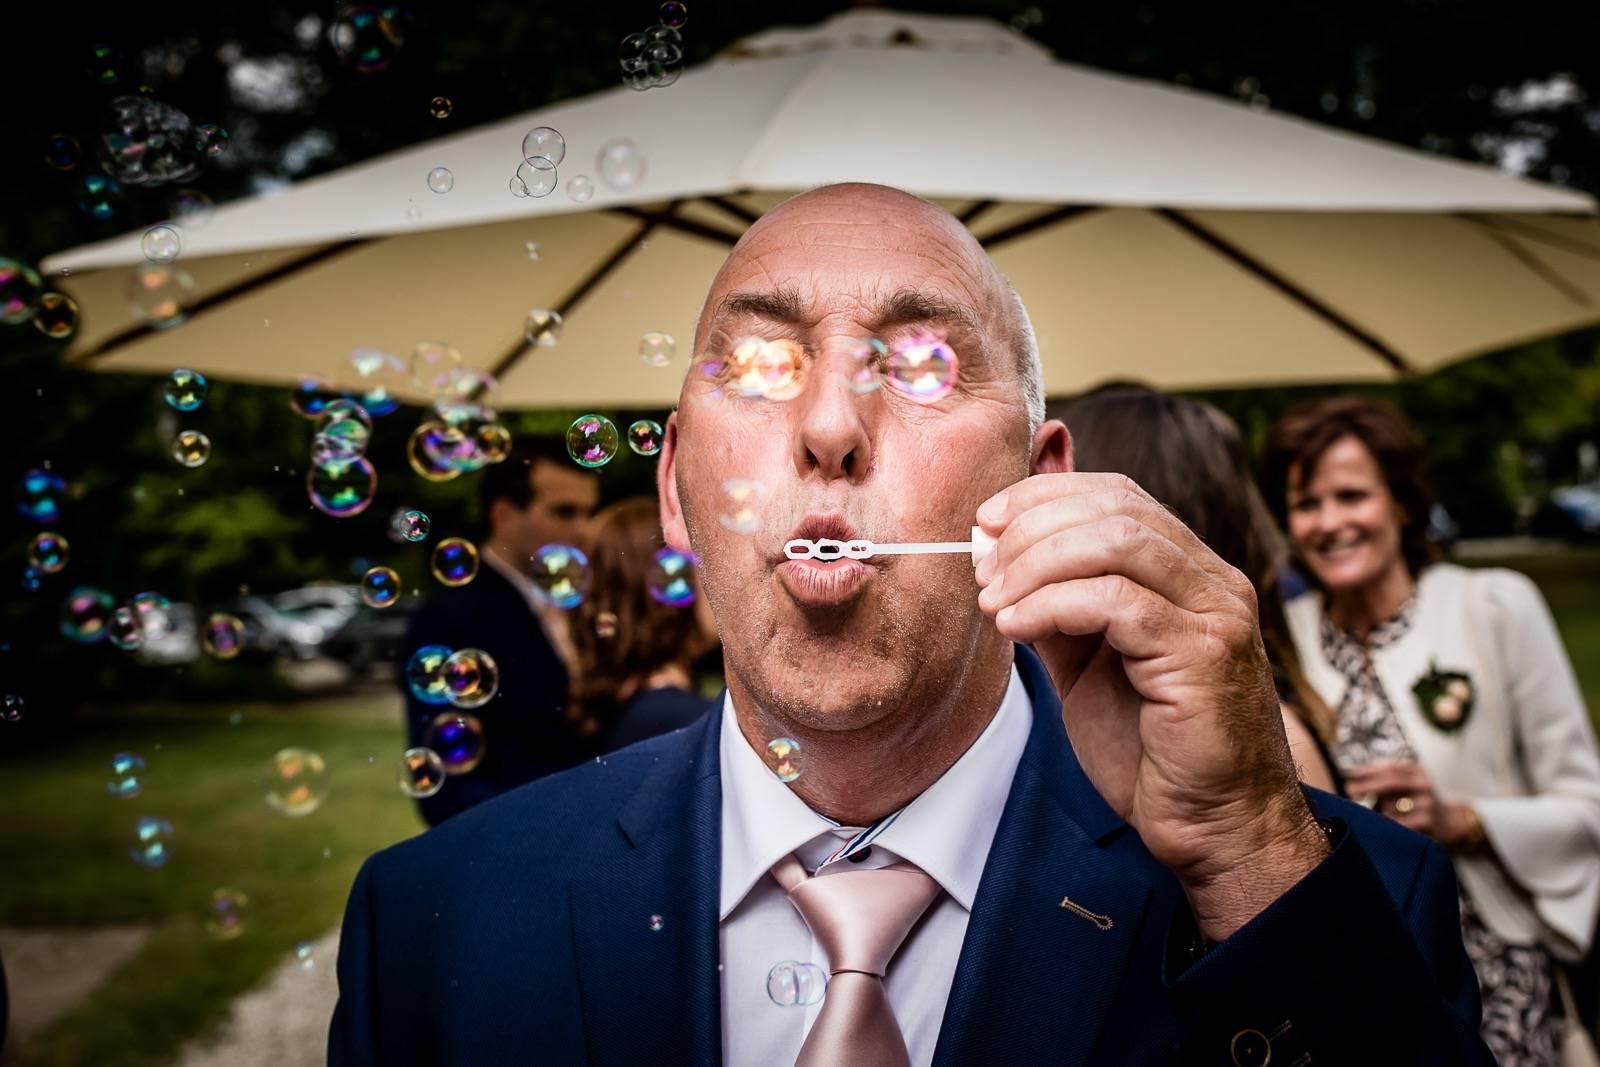 Eppel Fotografie - Trouwfotograaf - Huwelijksfotograaf - House of Weddings - 25